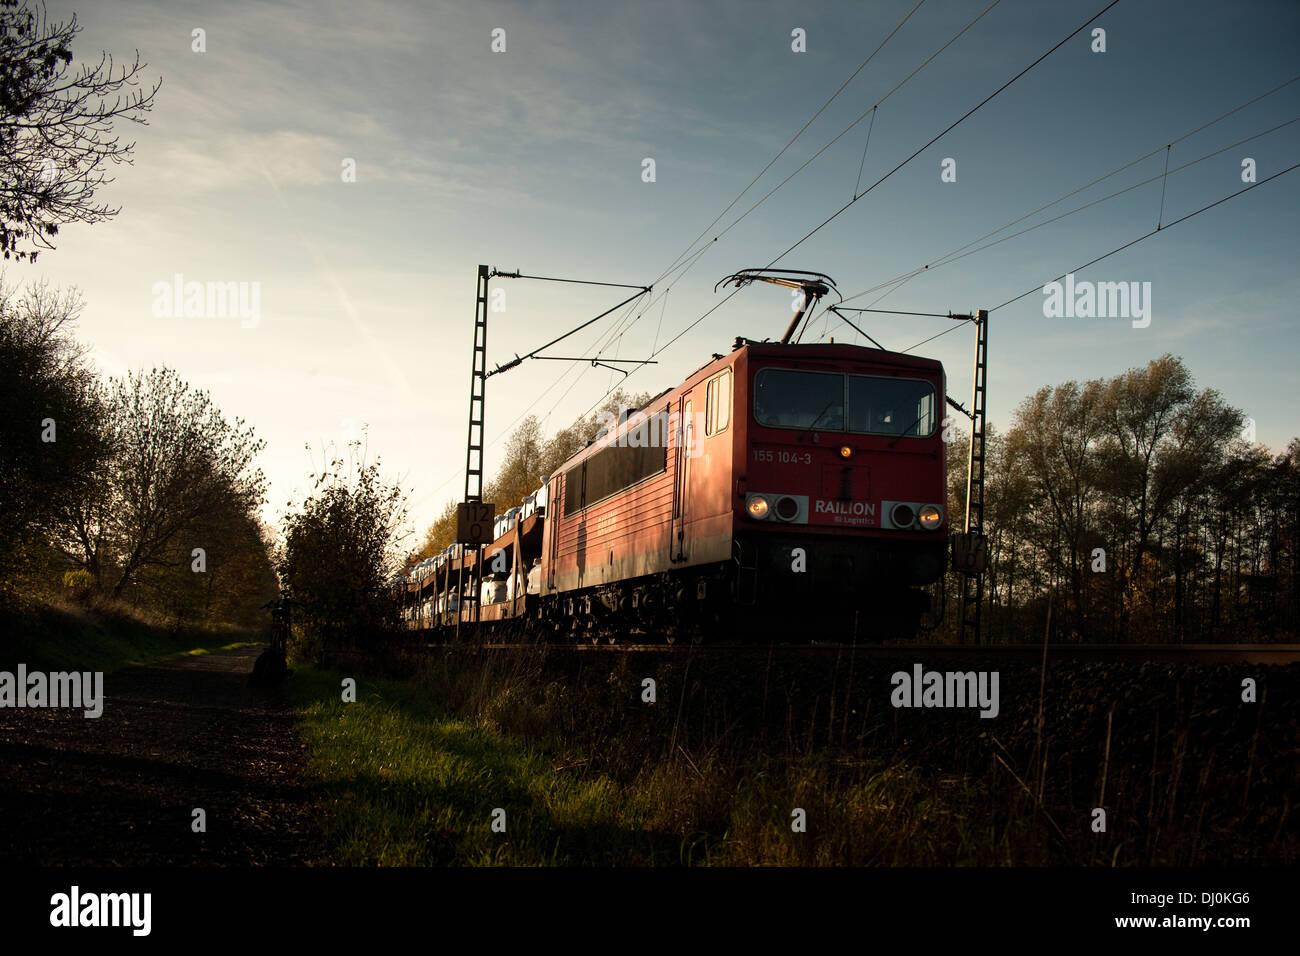 BR155 155 104-3 der DB mit einem Autotransportzug auf der Rollbahn (KBS385 Wanne Eikel-Hamburg KM112_0) b. Osnabrück Nov 2013 - Stock Image